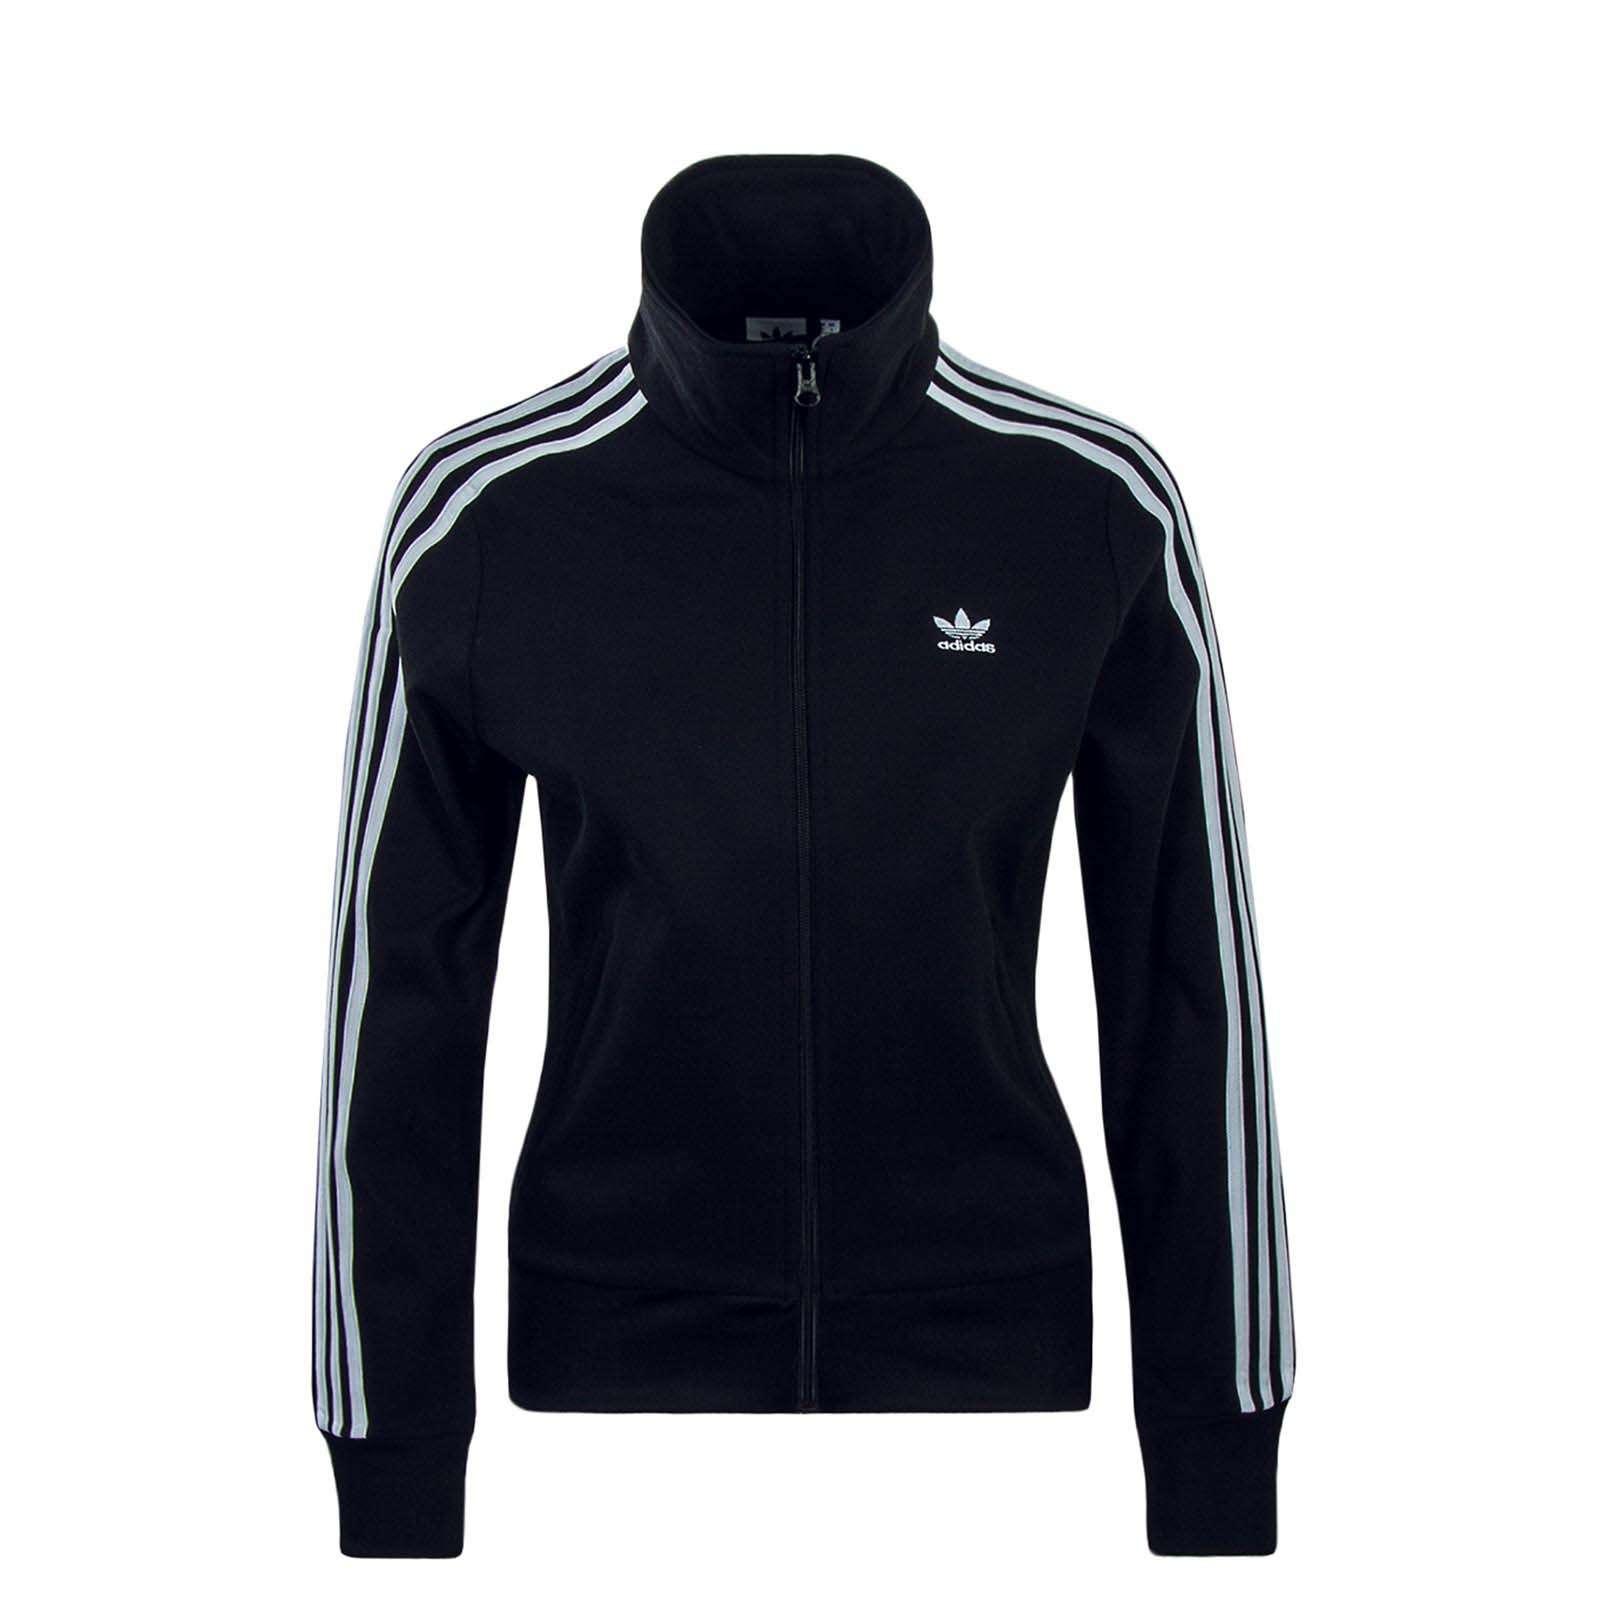 Adidas Wmn Trainingjkt TT Black